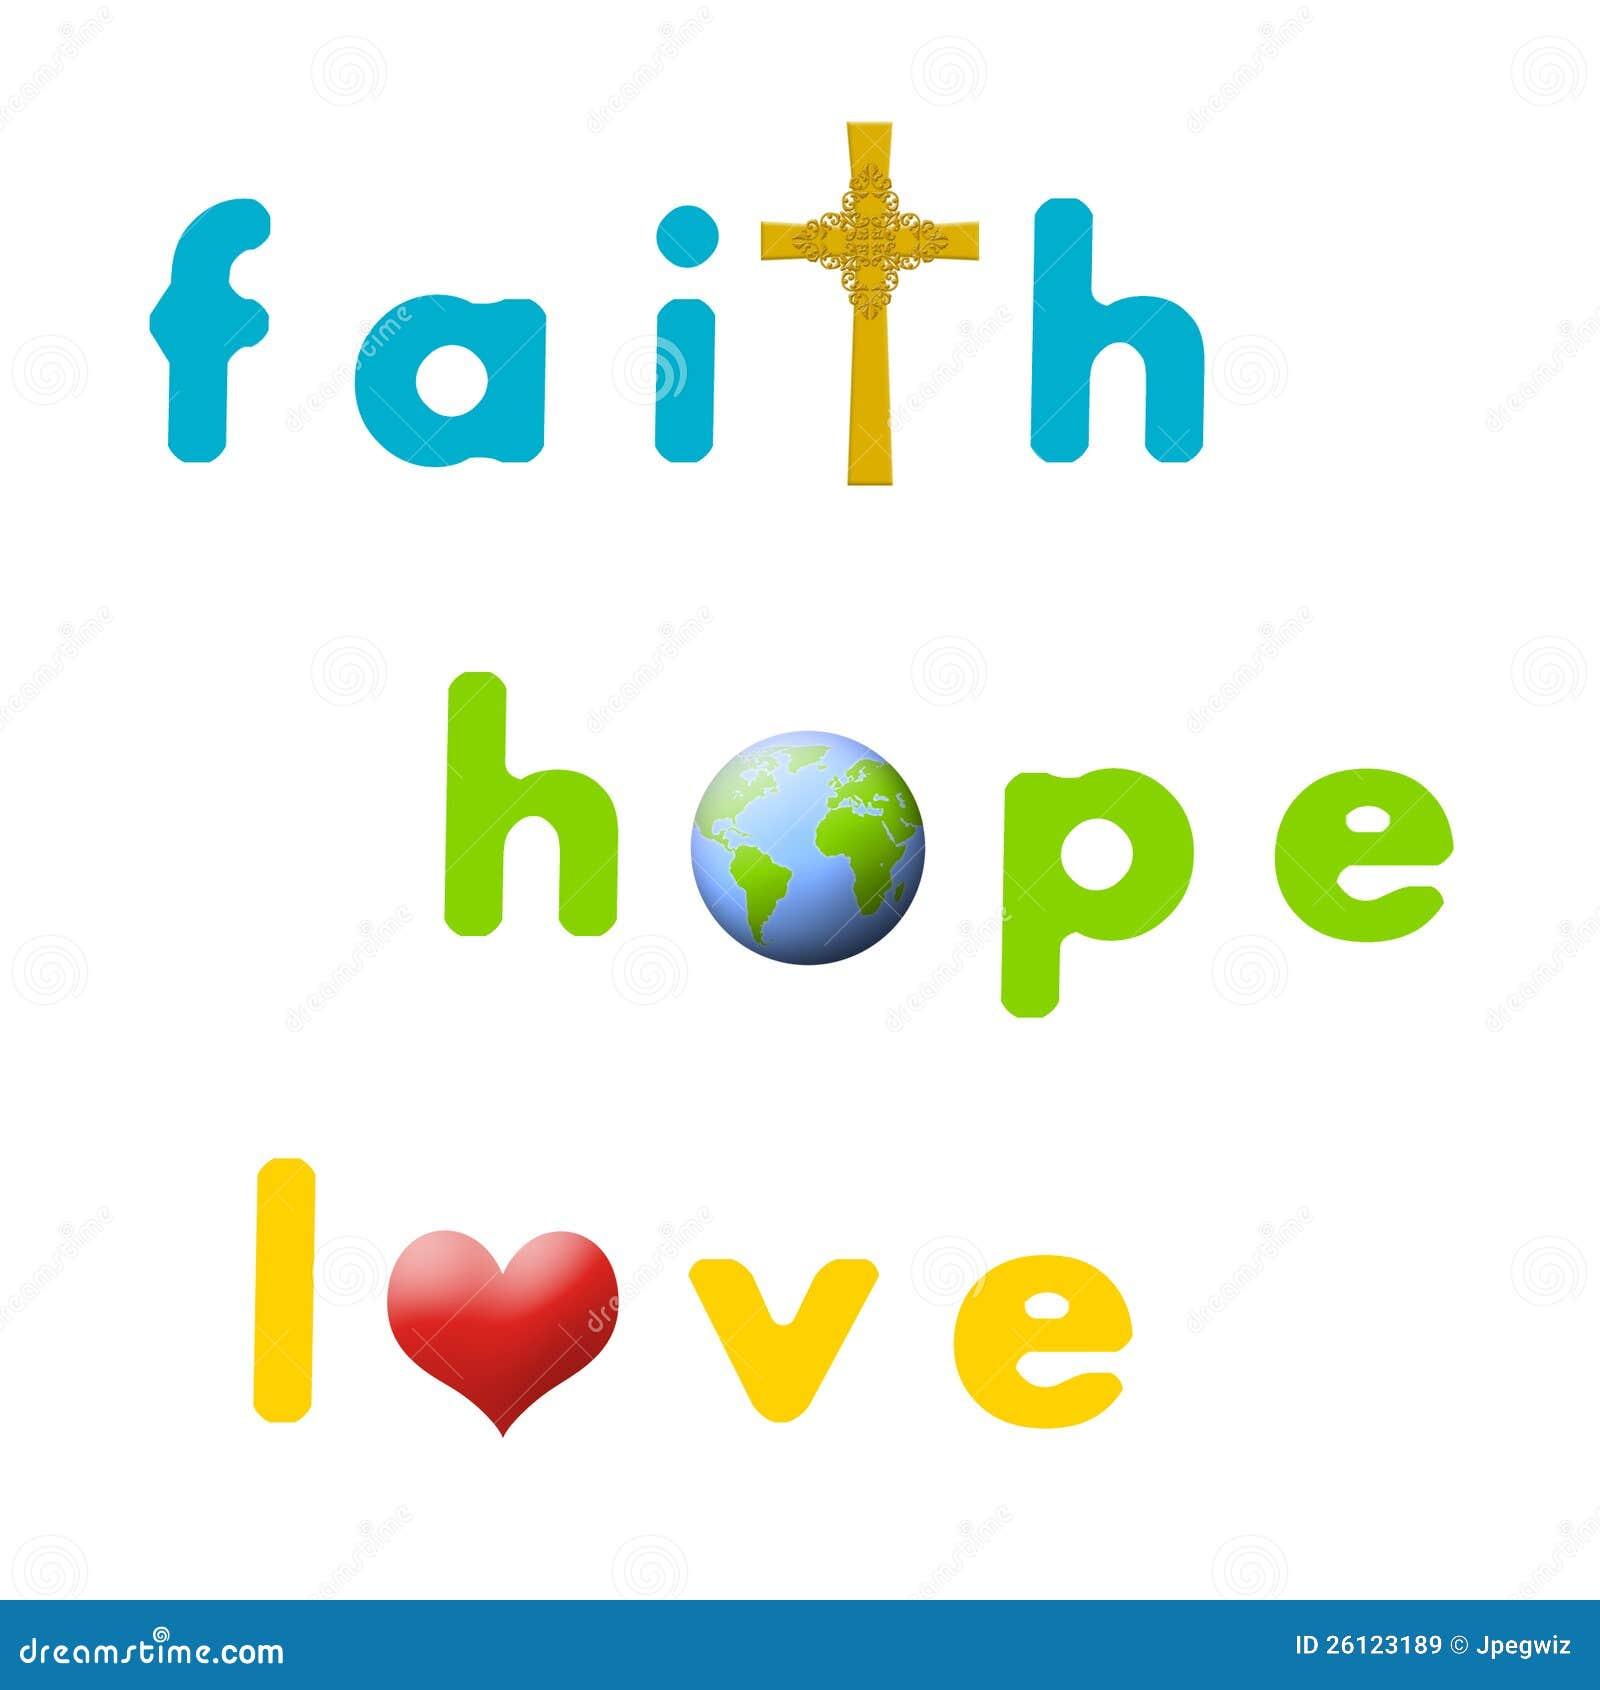 Ganz und zu Extrem Glaube, Hoffnung, Liebe stock abbildung. Illustration von blau &TN_83